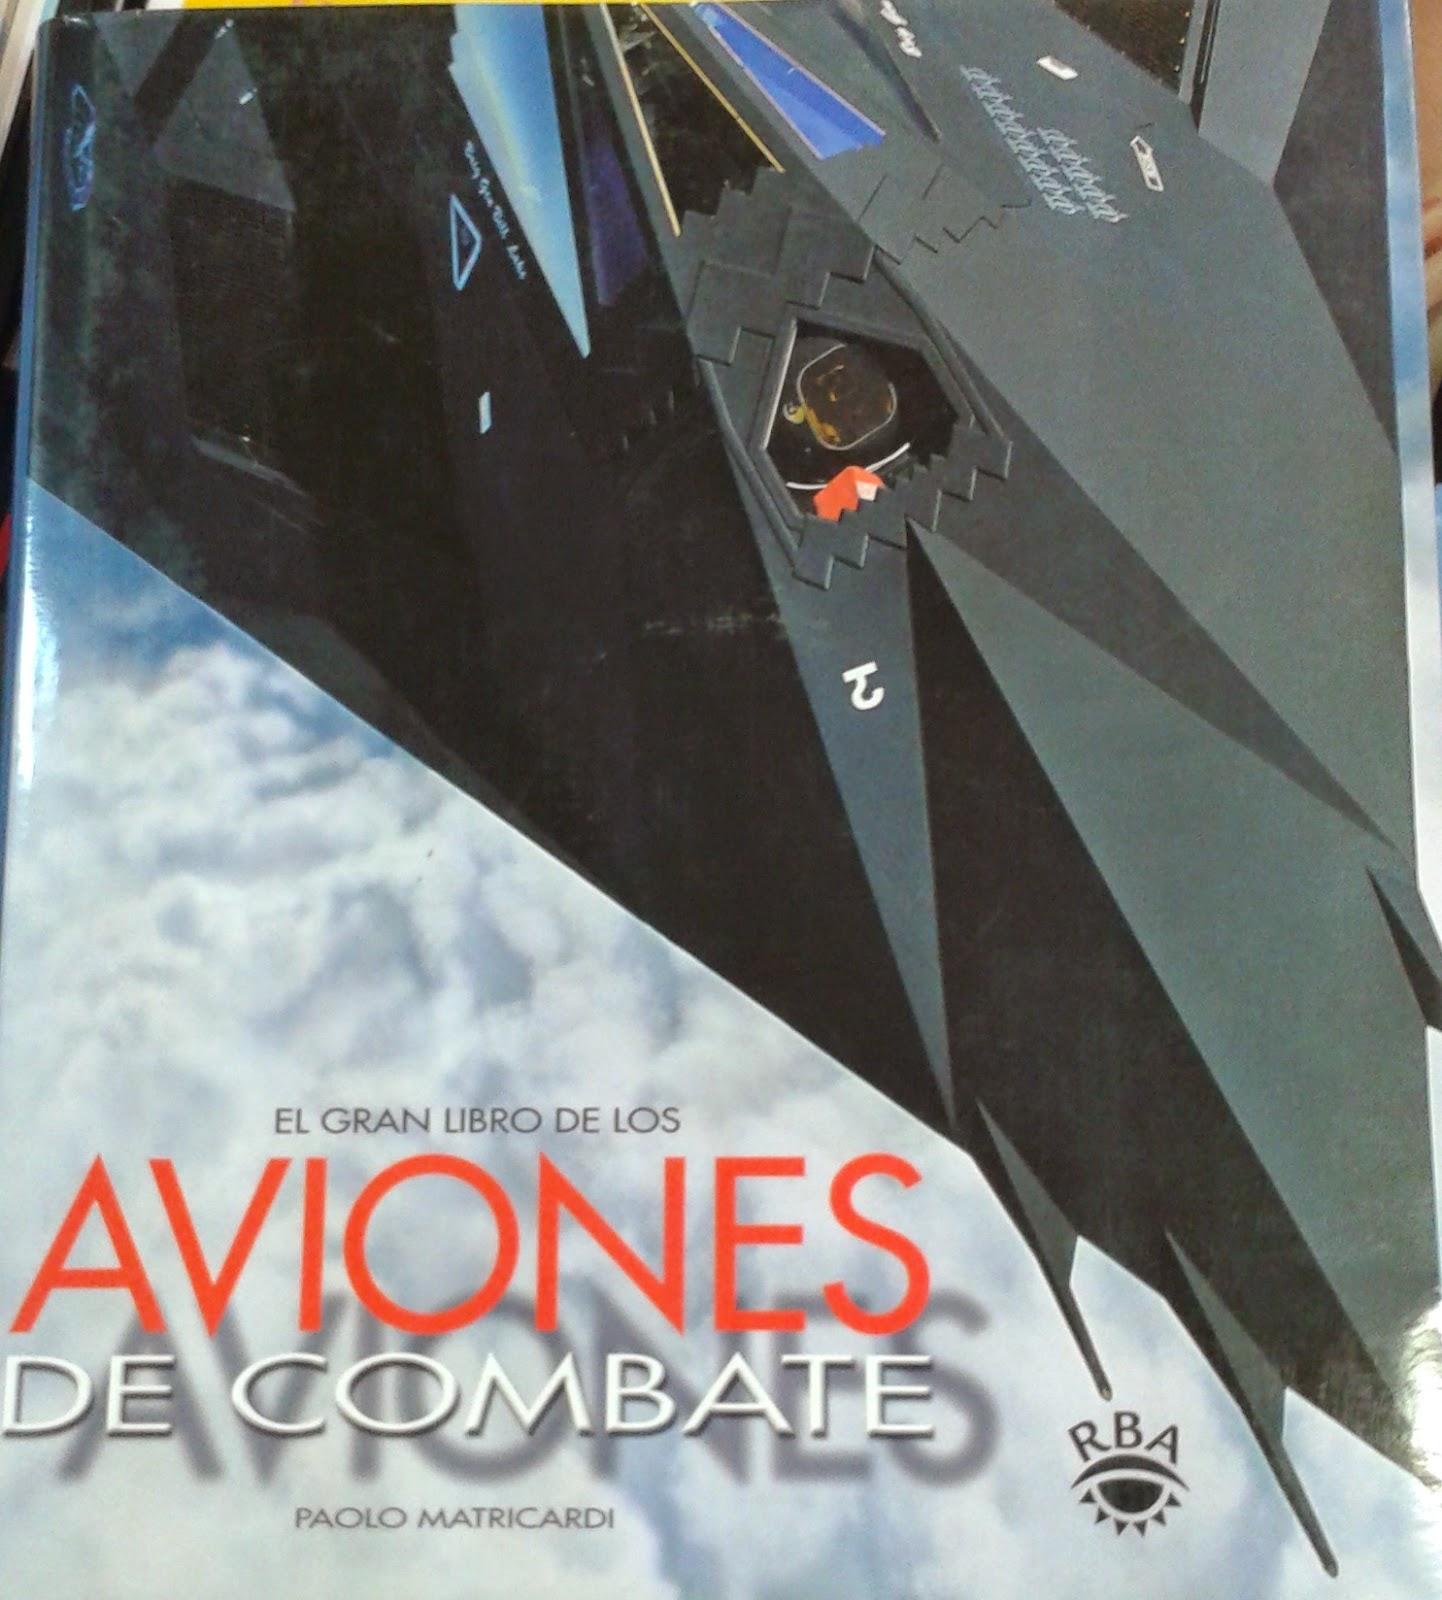 El gran libro de los aviones de combate RBA